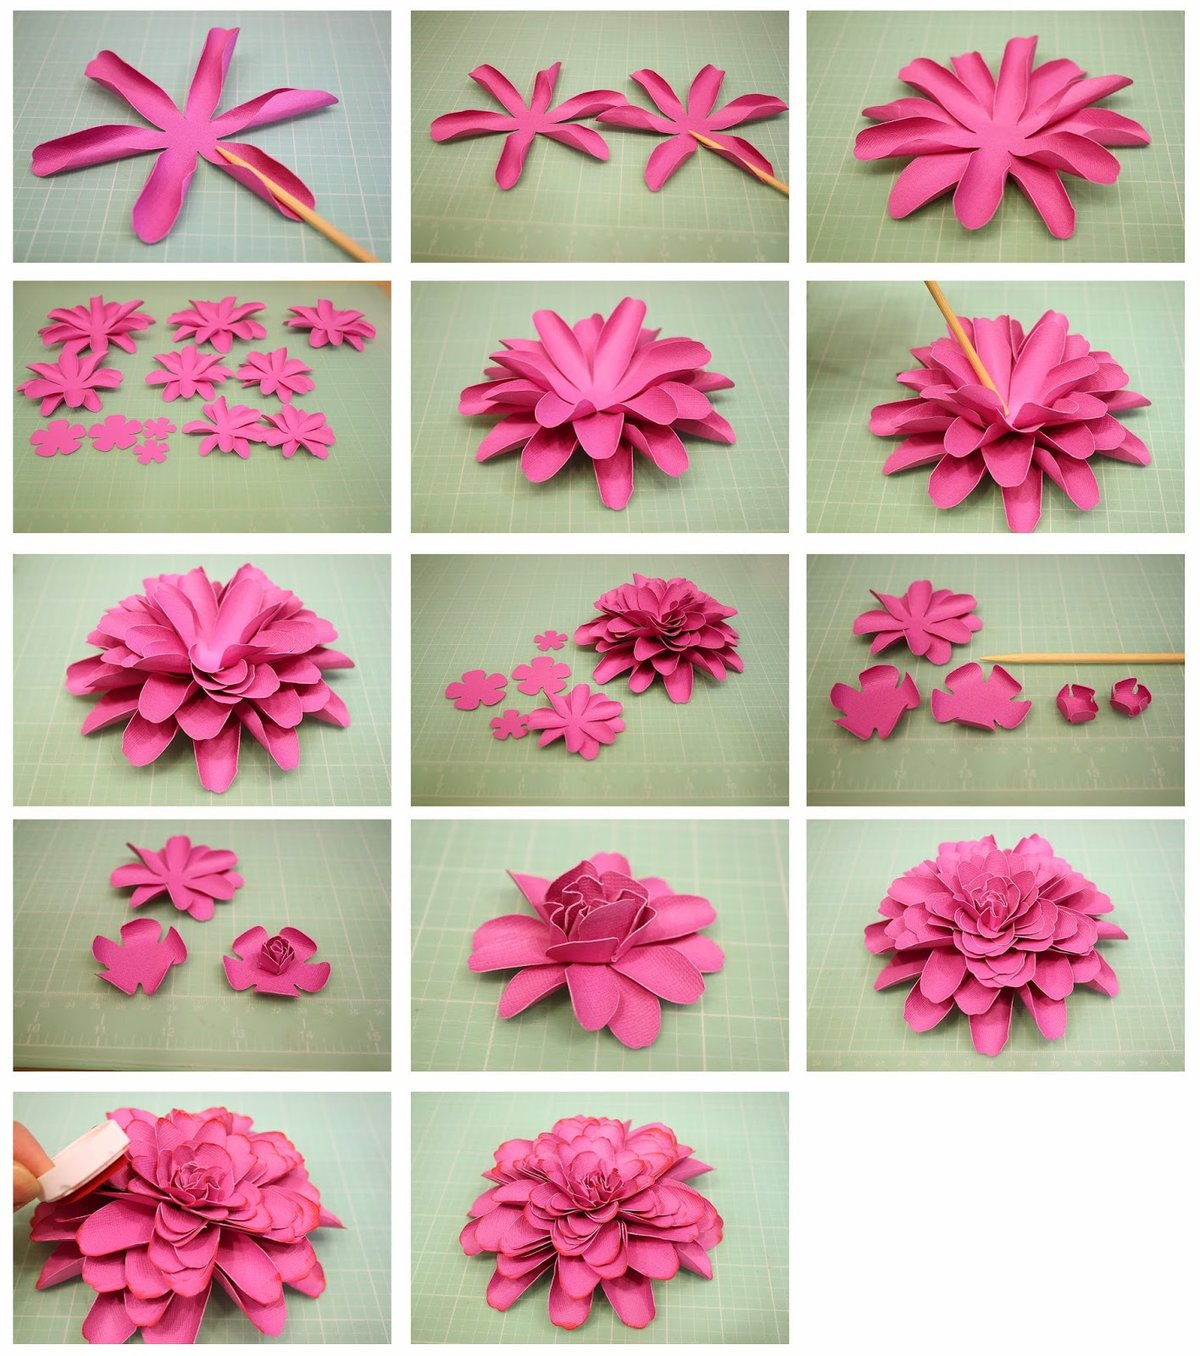 Как сделать цветок из салфетки своими руками легко и быстро